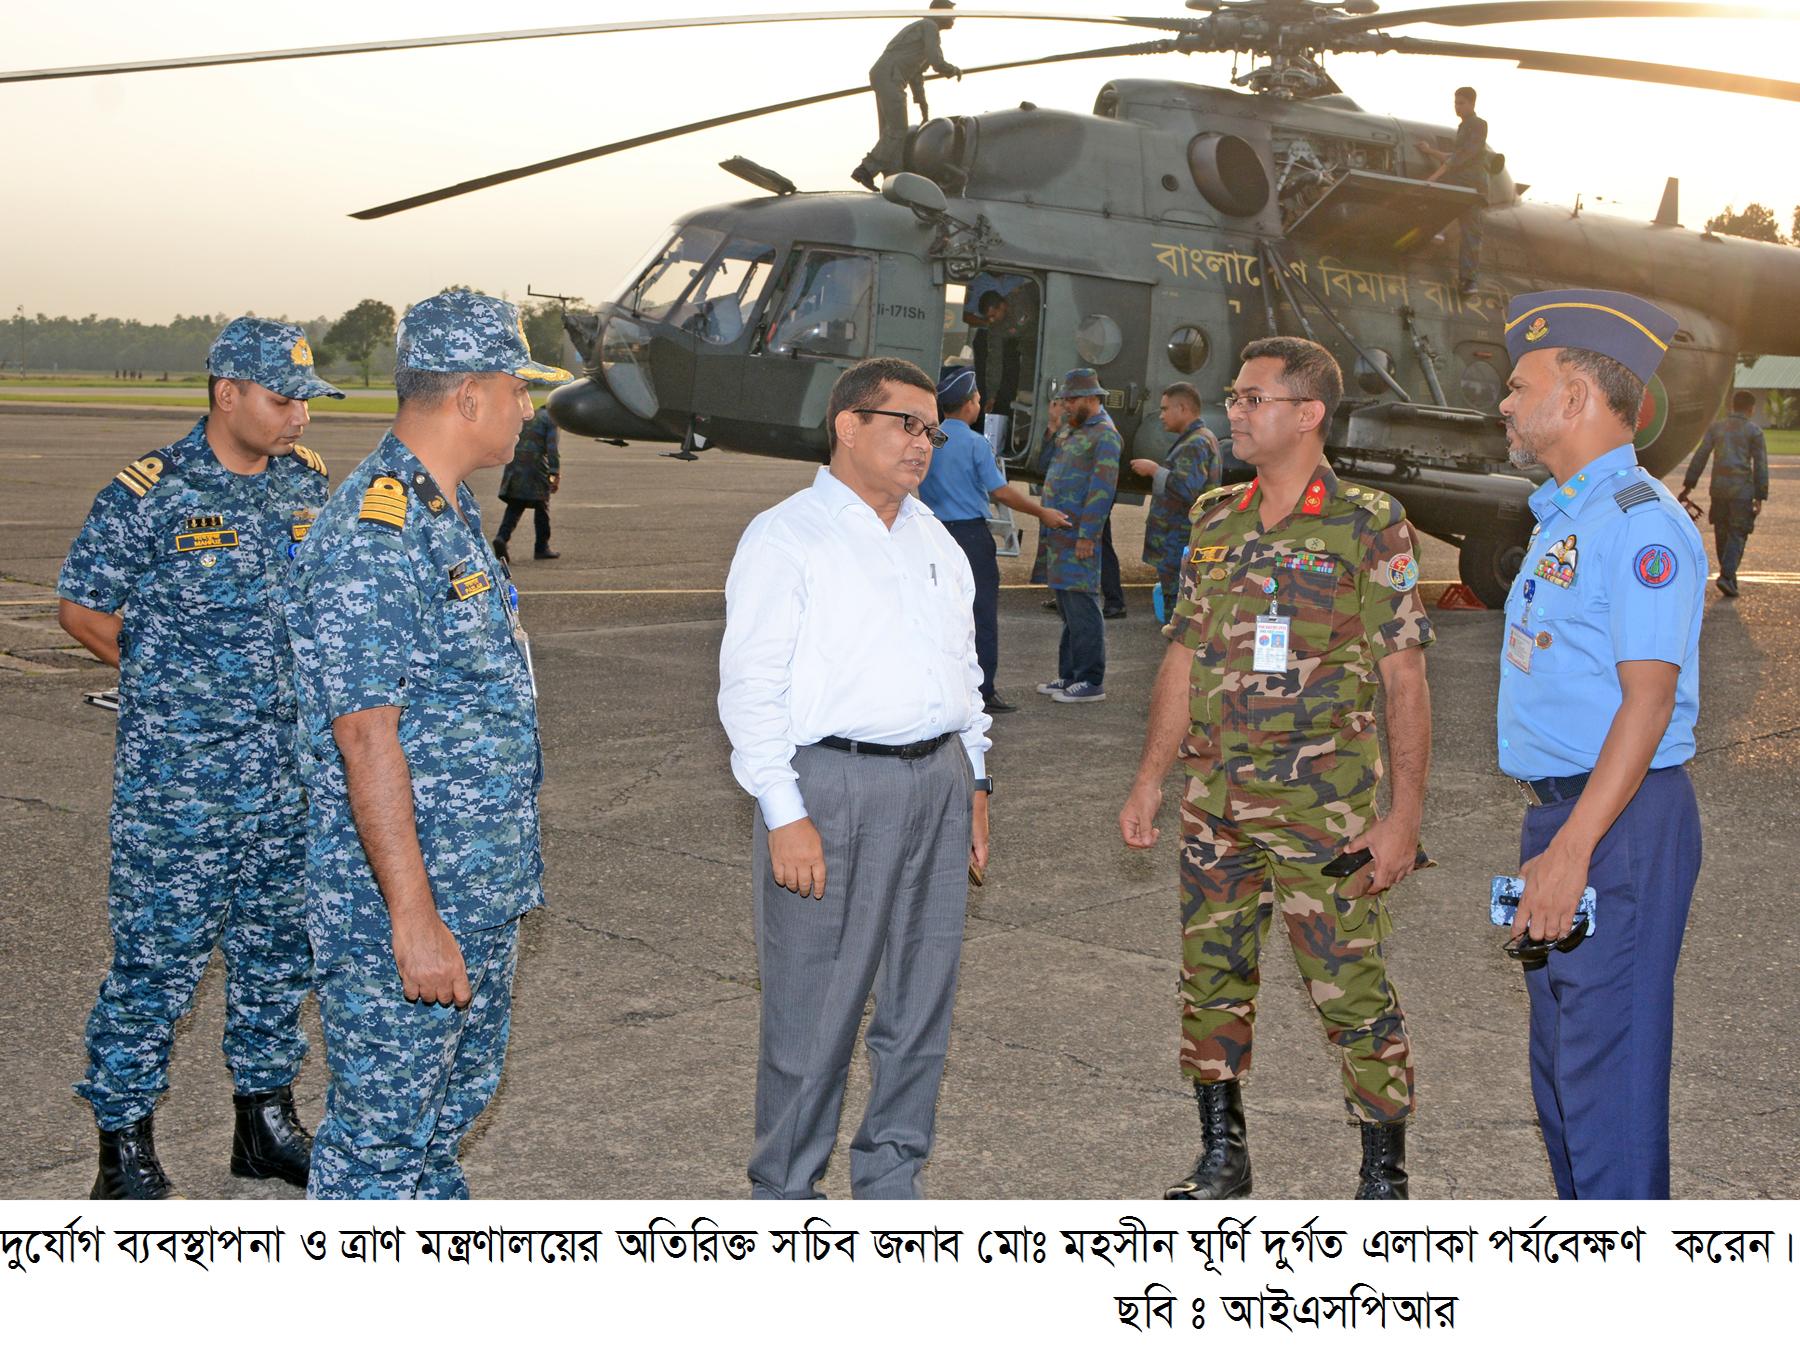 বাংলাদেশ বিমান বাহিনীর হেলিকপ্টারের মাধ্যমে ঘূর্ণিদুর্গত এলাকা পর্যবেক্ষণ